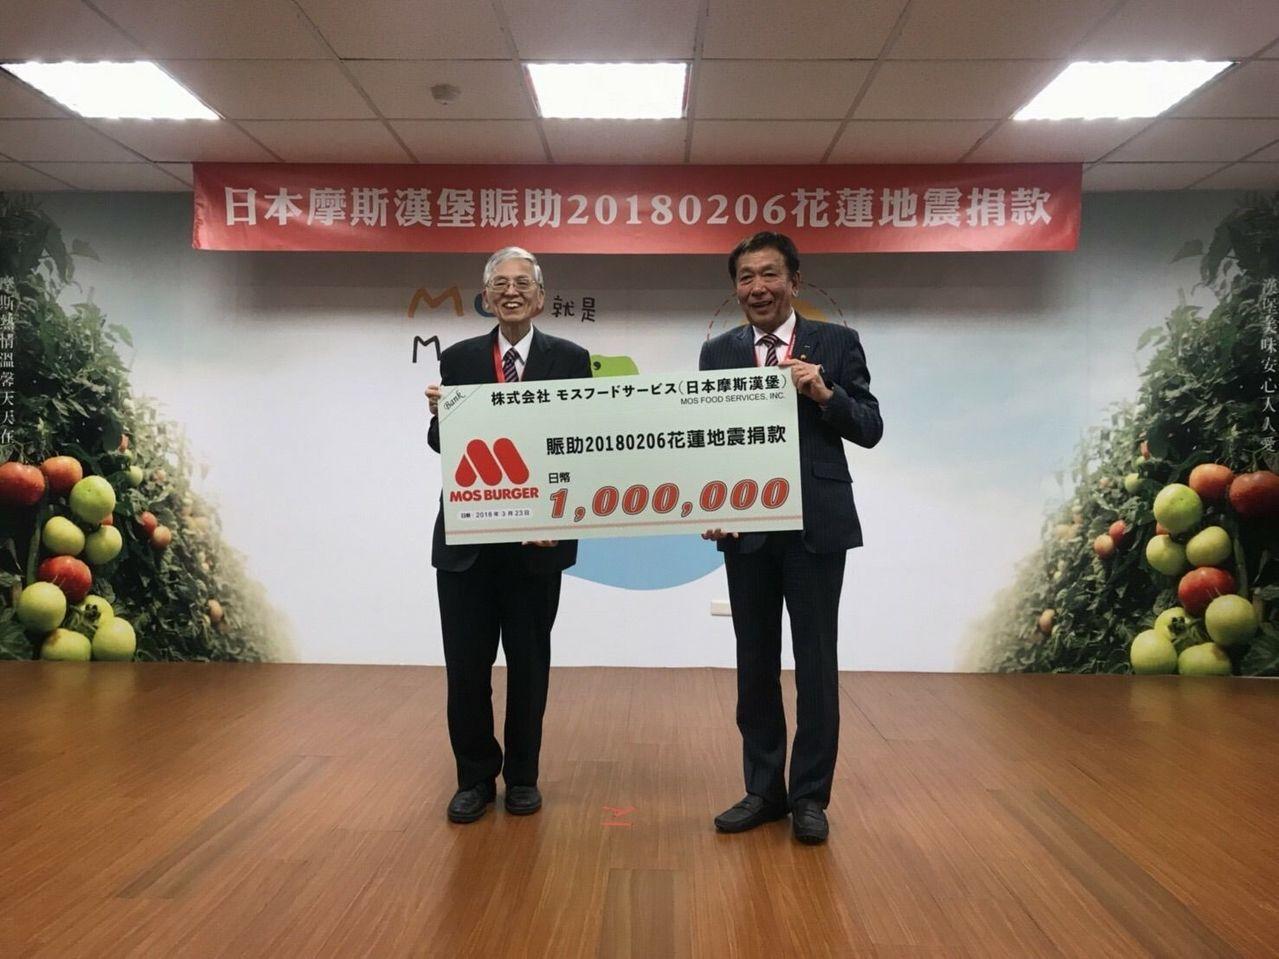 日本摩斯總公司會長櫻田厚(右)來台捐助日幣100萬元善款為花蓮強震救災用,表達關...